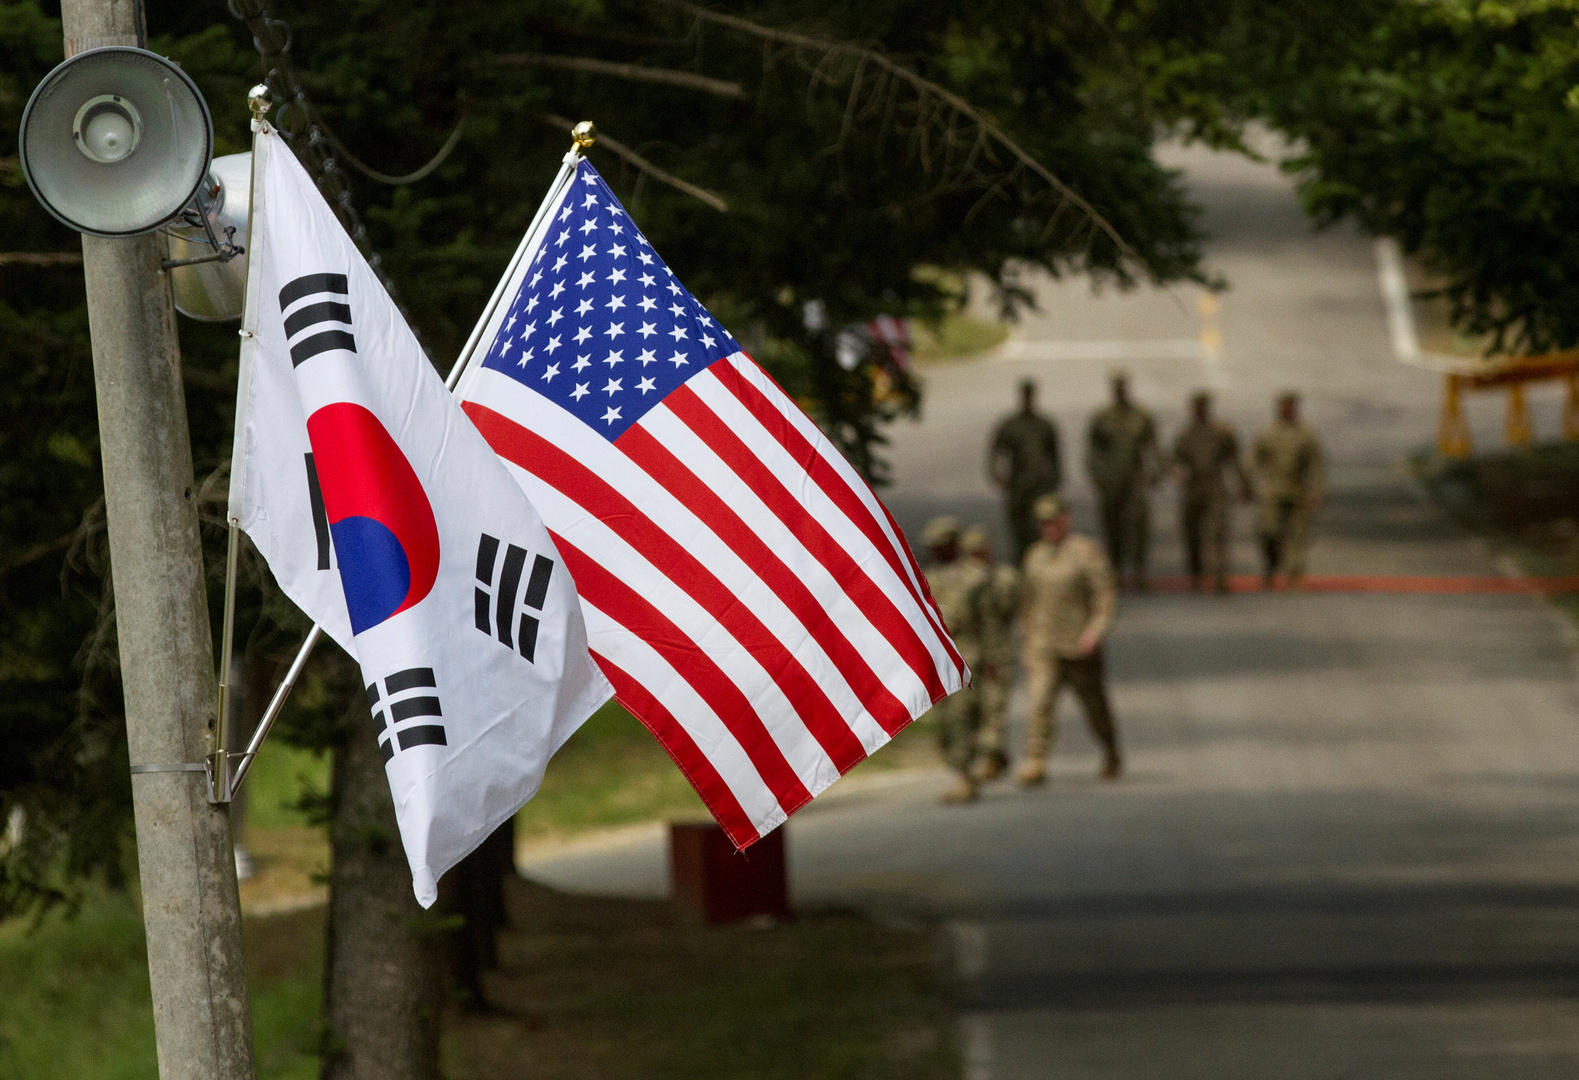 كوريا الجنوبية: سنفرج عن الأصول الإيرانية المجمدة بعد التشاور مع واشنطن